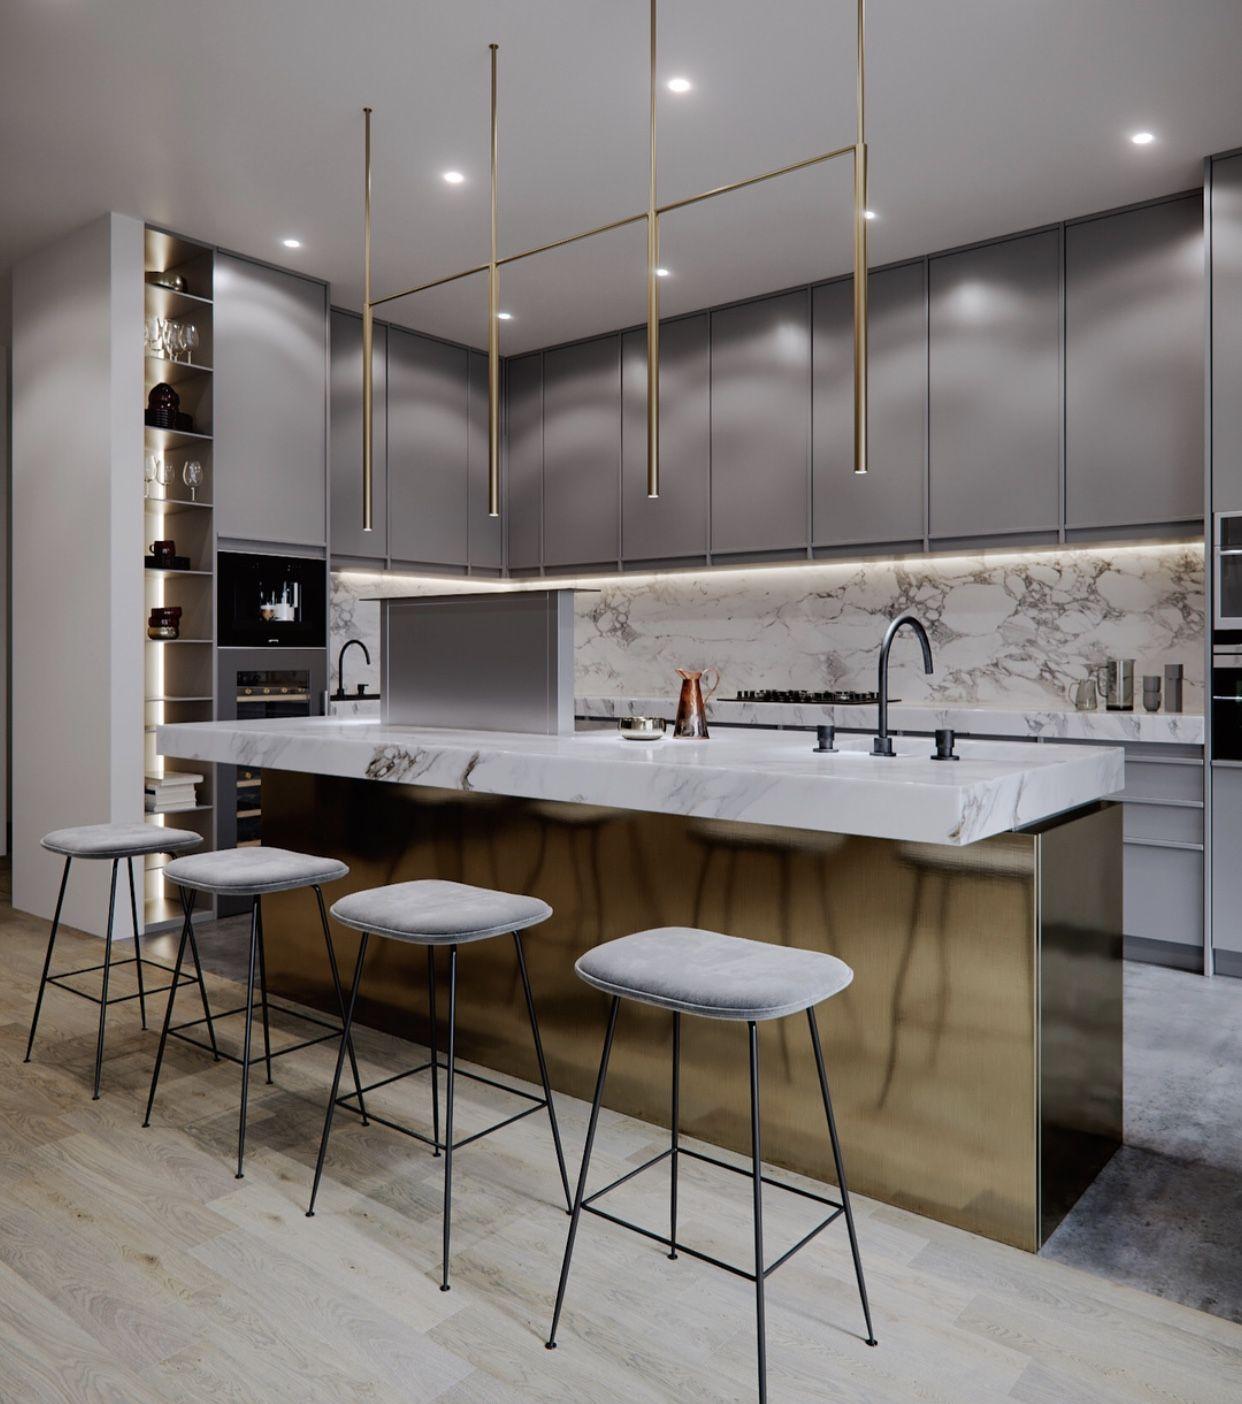 Pin de pato pettine en cocina | Pinterest | Cocinas, Nuestra cocina ...